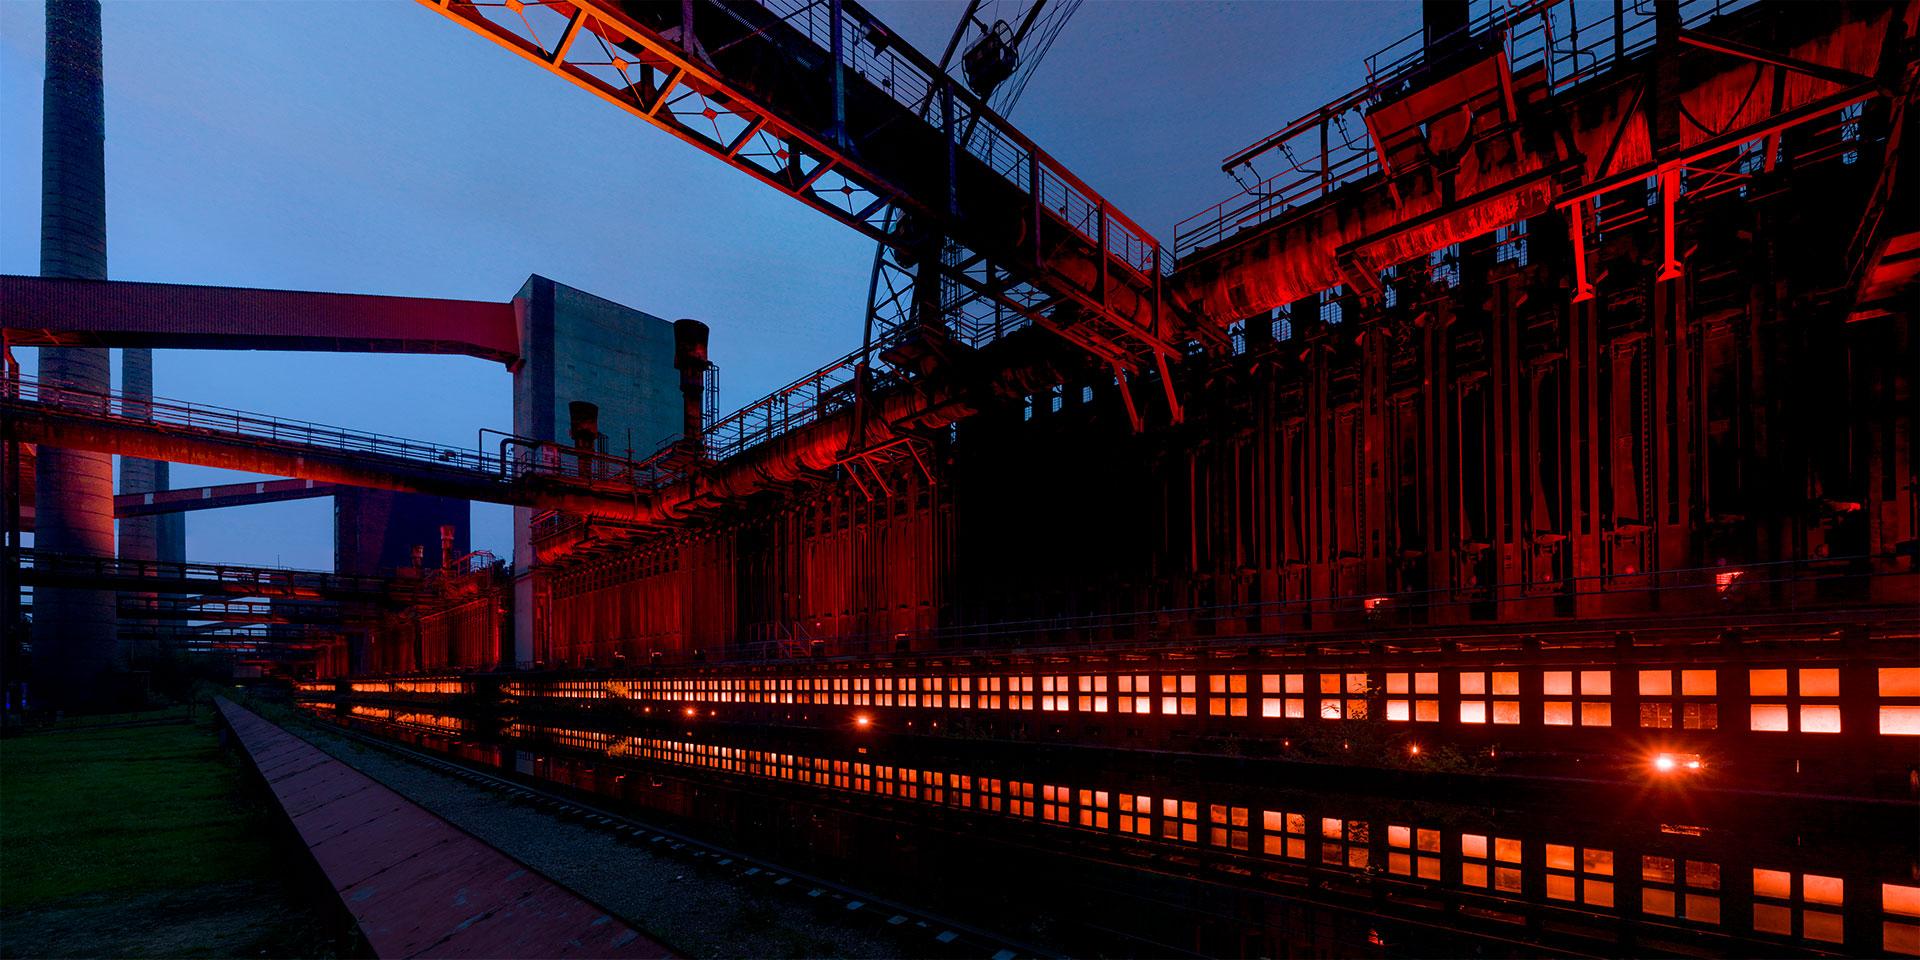 Koksofenbatterien Ausdrückseite | Kokerei Zollverein - Essen -